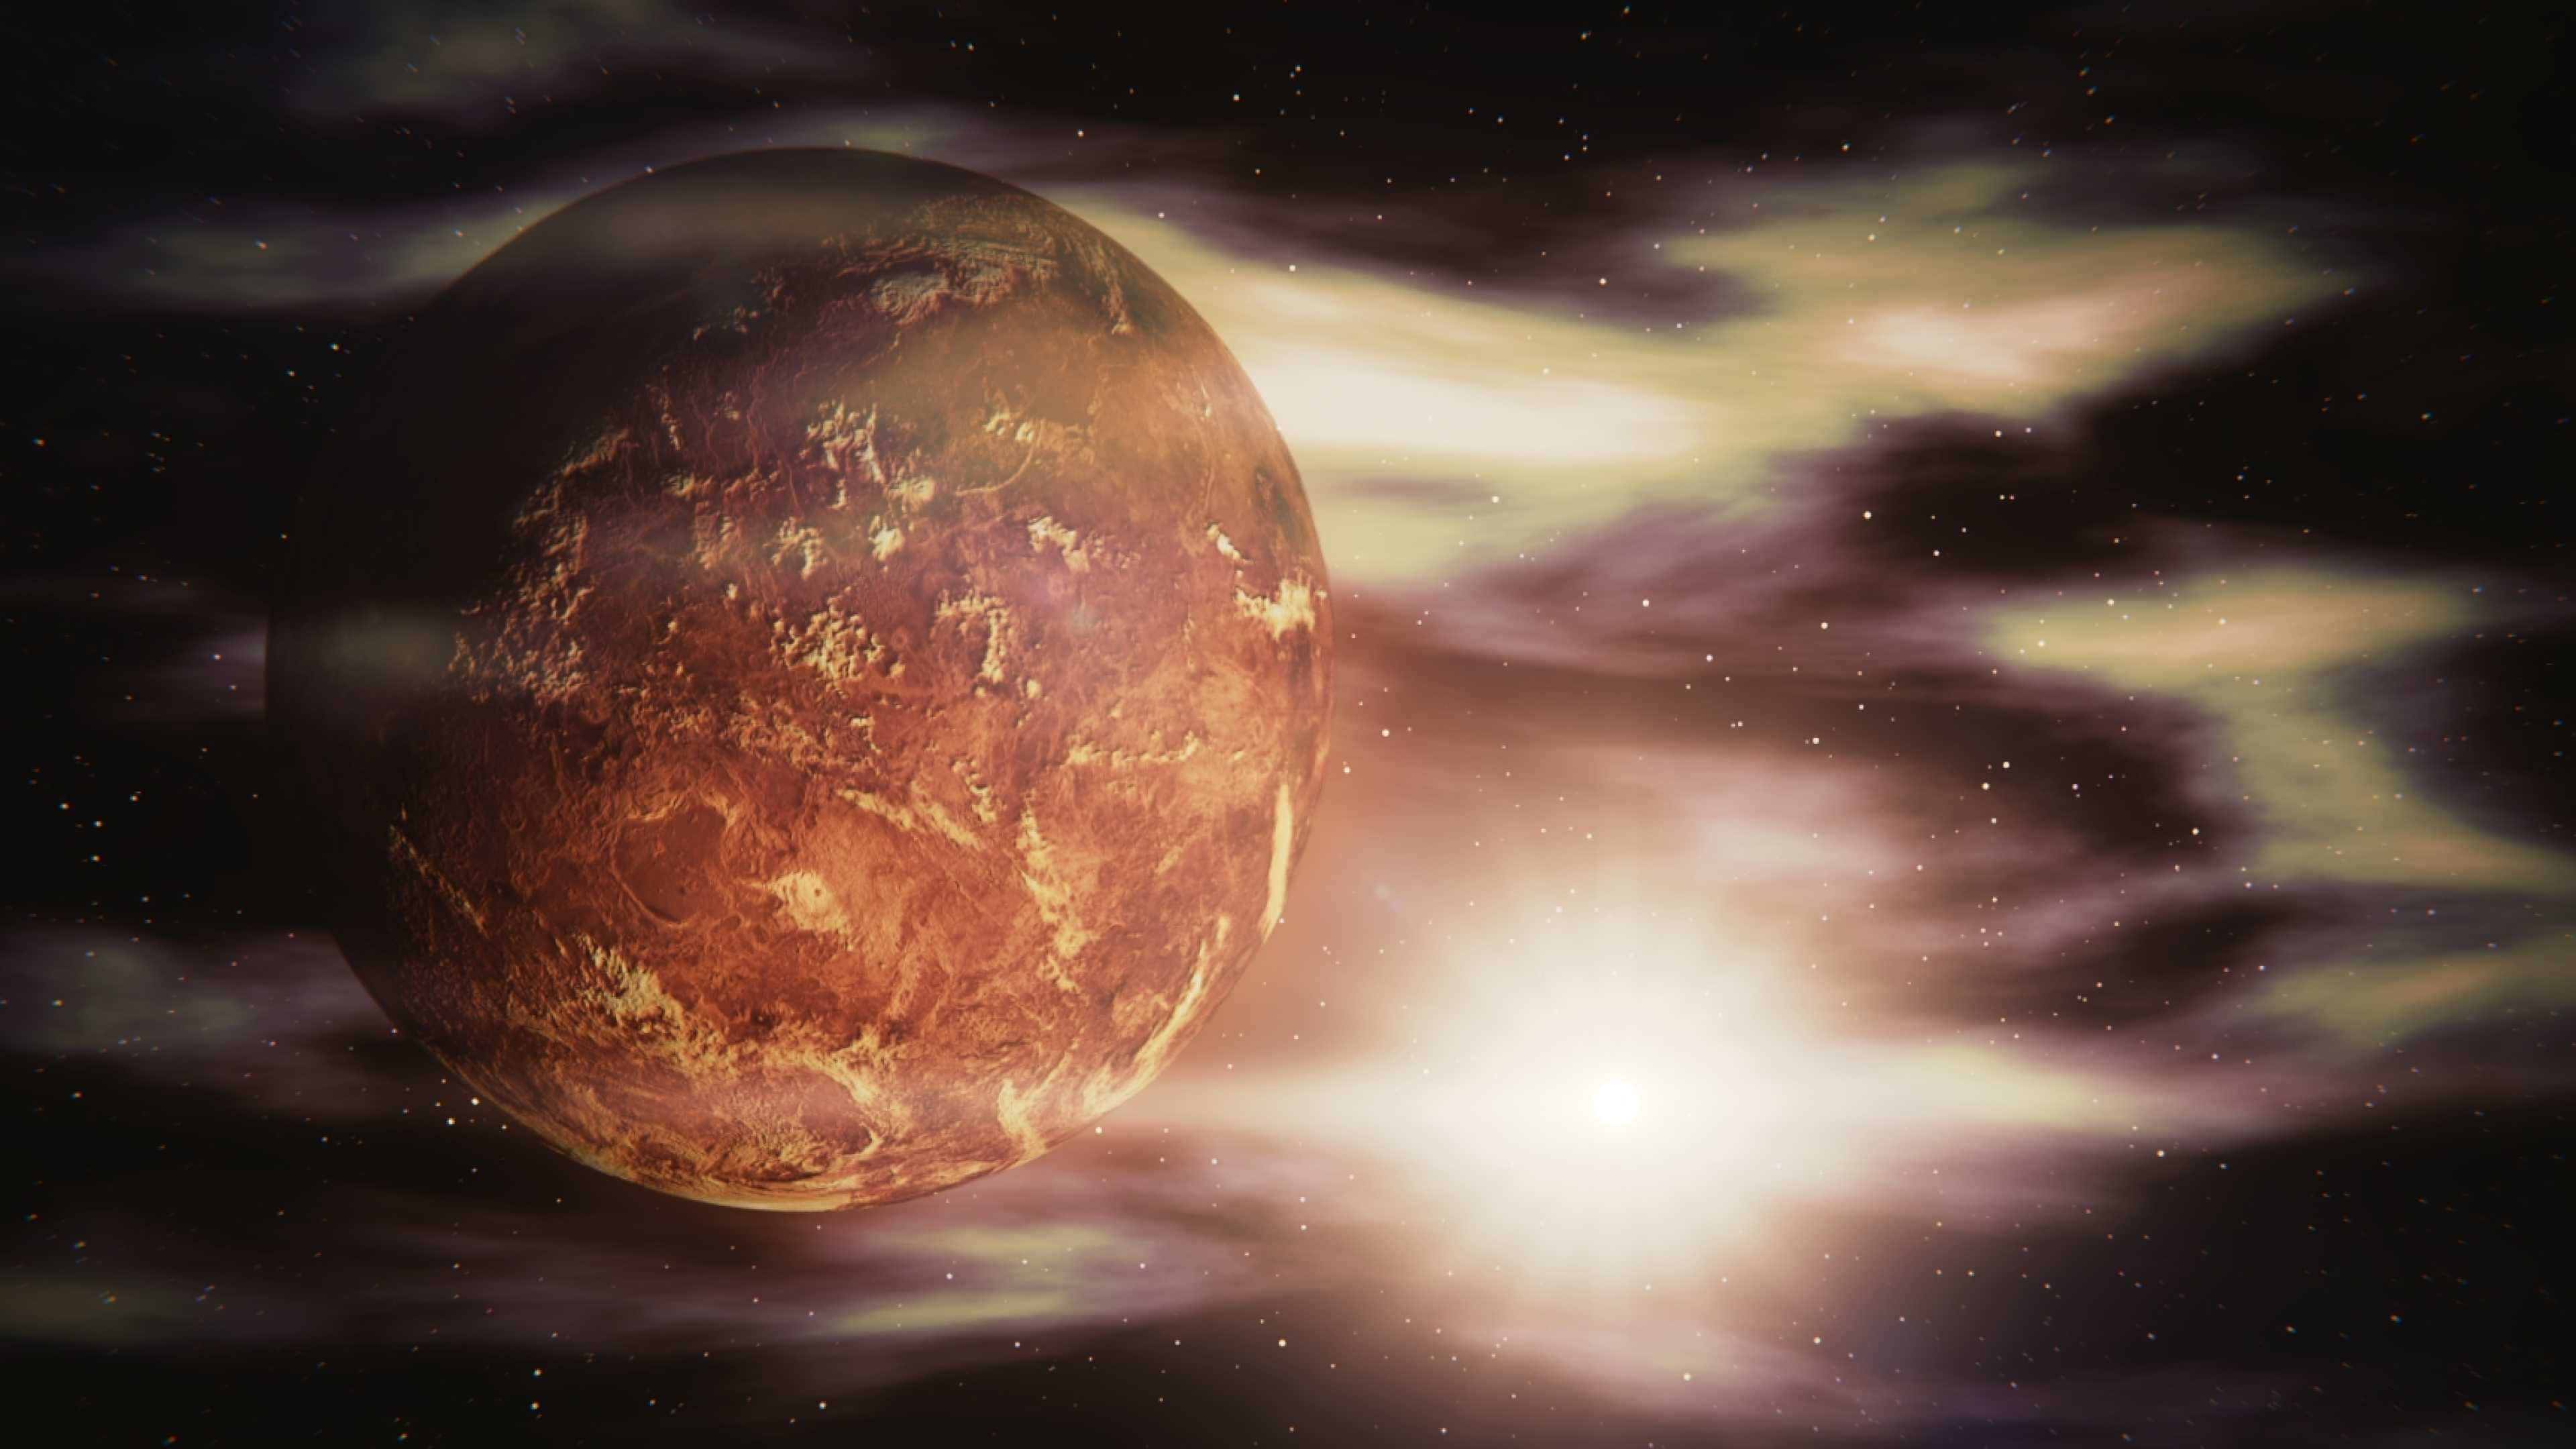 На Венере никогда не было океана, а Земля могла превратиться в паровой котёл